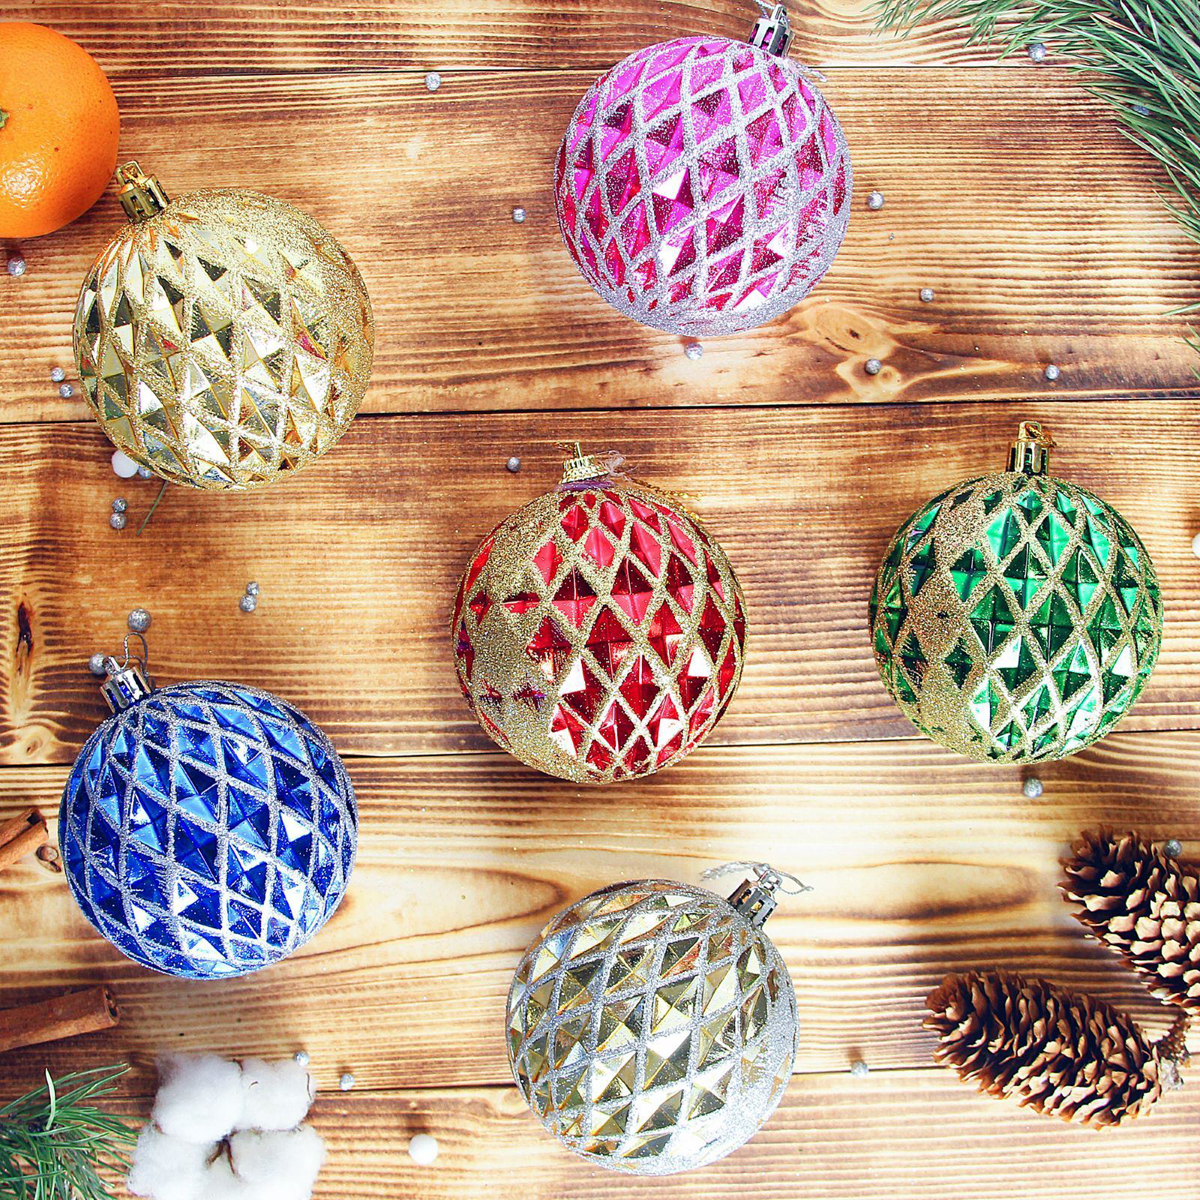 Набор новогодних подвесных украшений Sima-land Ромбы, диаметр 7,5 см, 6 шт2371180Невозможно представить нашу жизнь без праздников! Мы всегда ждём их и предвкушаем, обдумываем, как проведём памятный день, тщательно выбираем подарки и аксессуары, ведь именно они создают и поддерживают торжественный настрой.